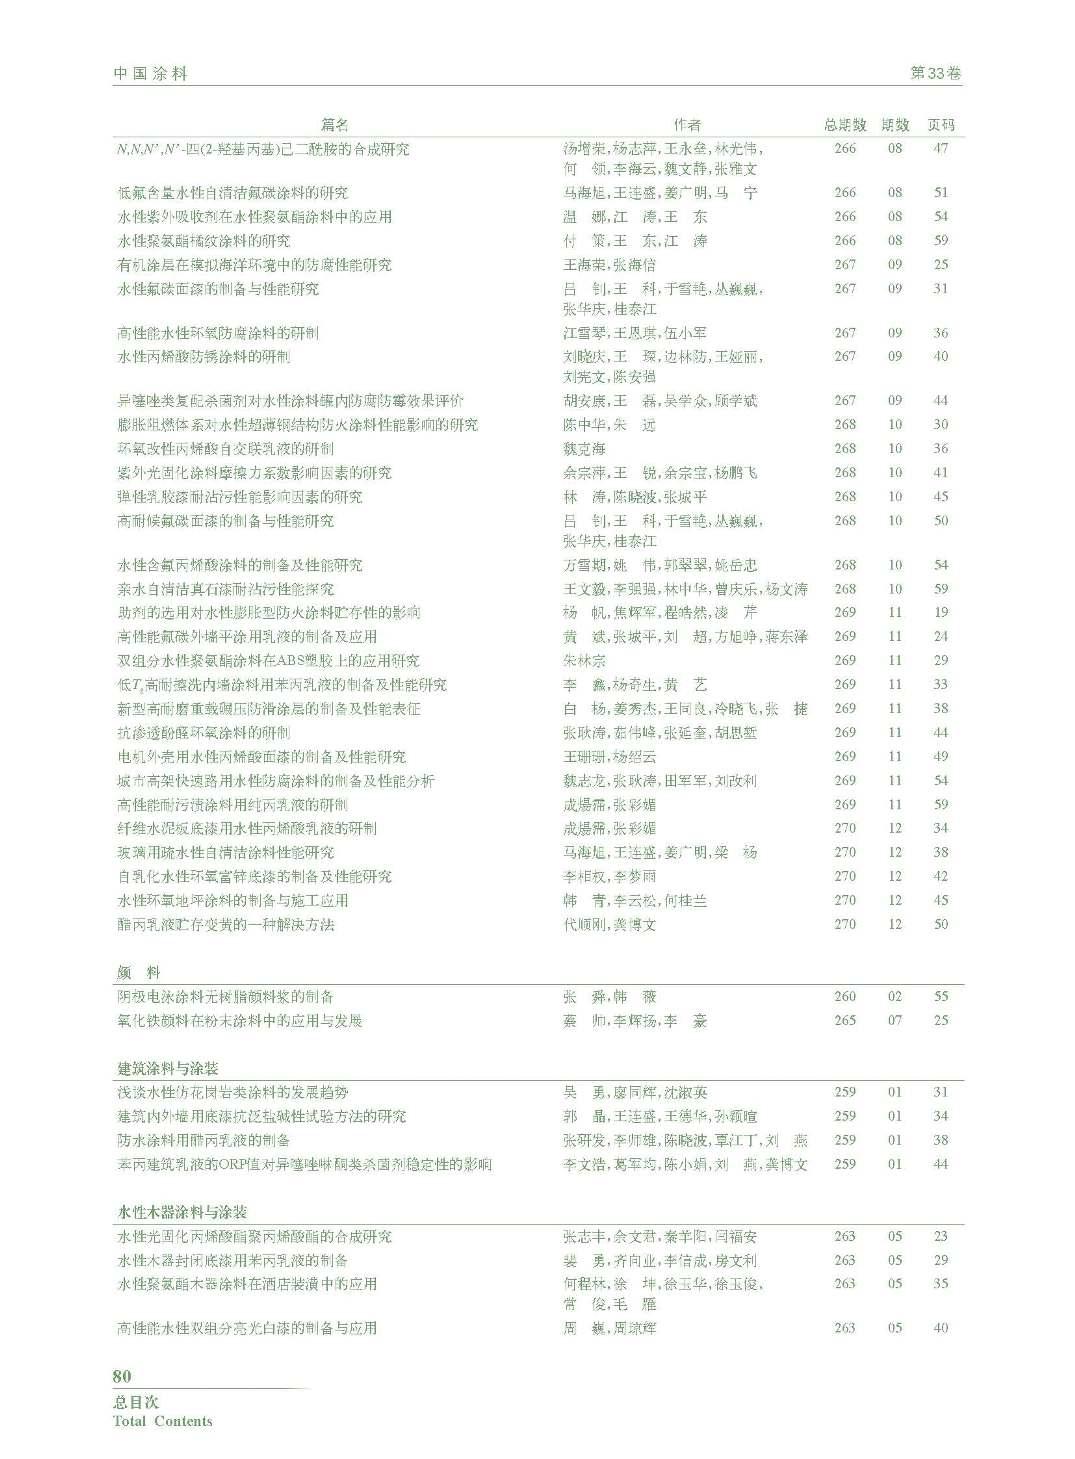 页面提取自-201812内文-总目次_页面_4.jpg